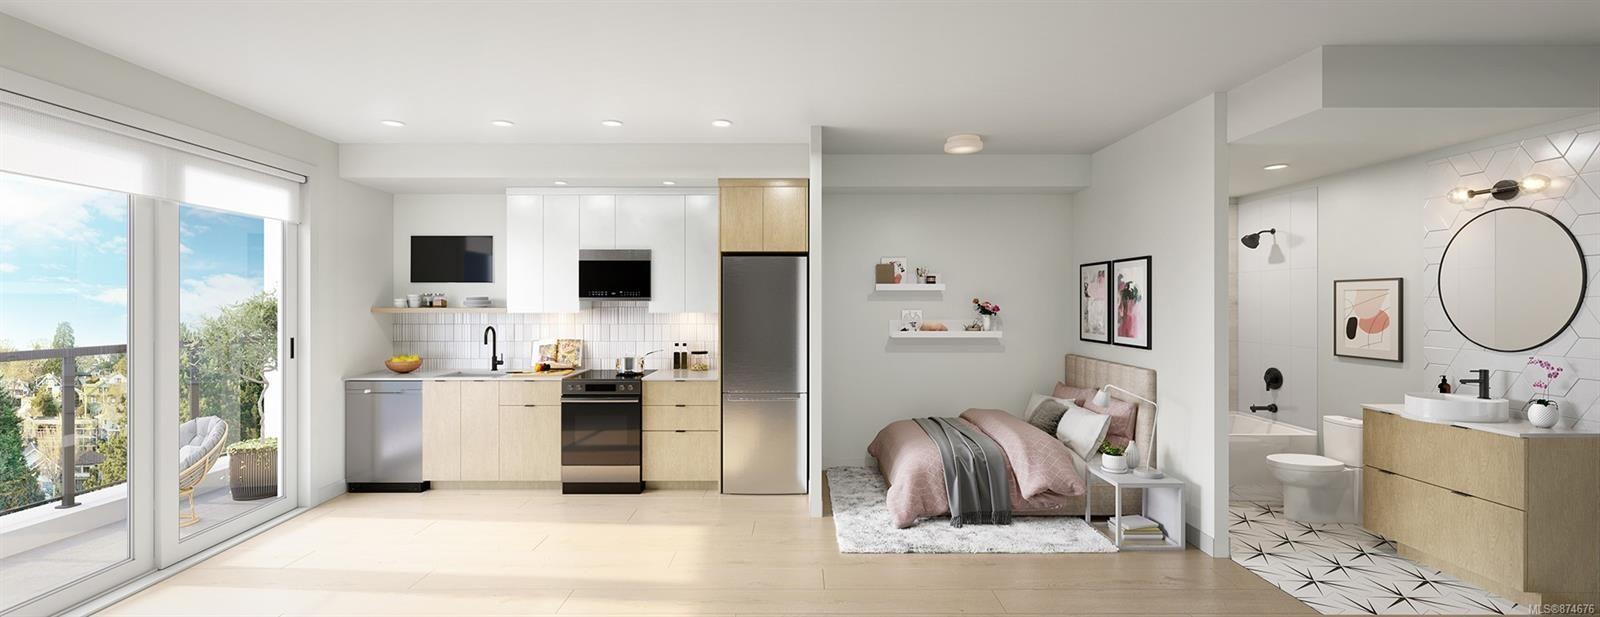 Main Photo: 306 1301 Hillside Ave in : Vi Oaklands Condo for sale (Victoria)  : MLS®# 874676